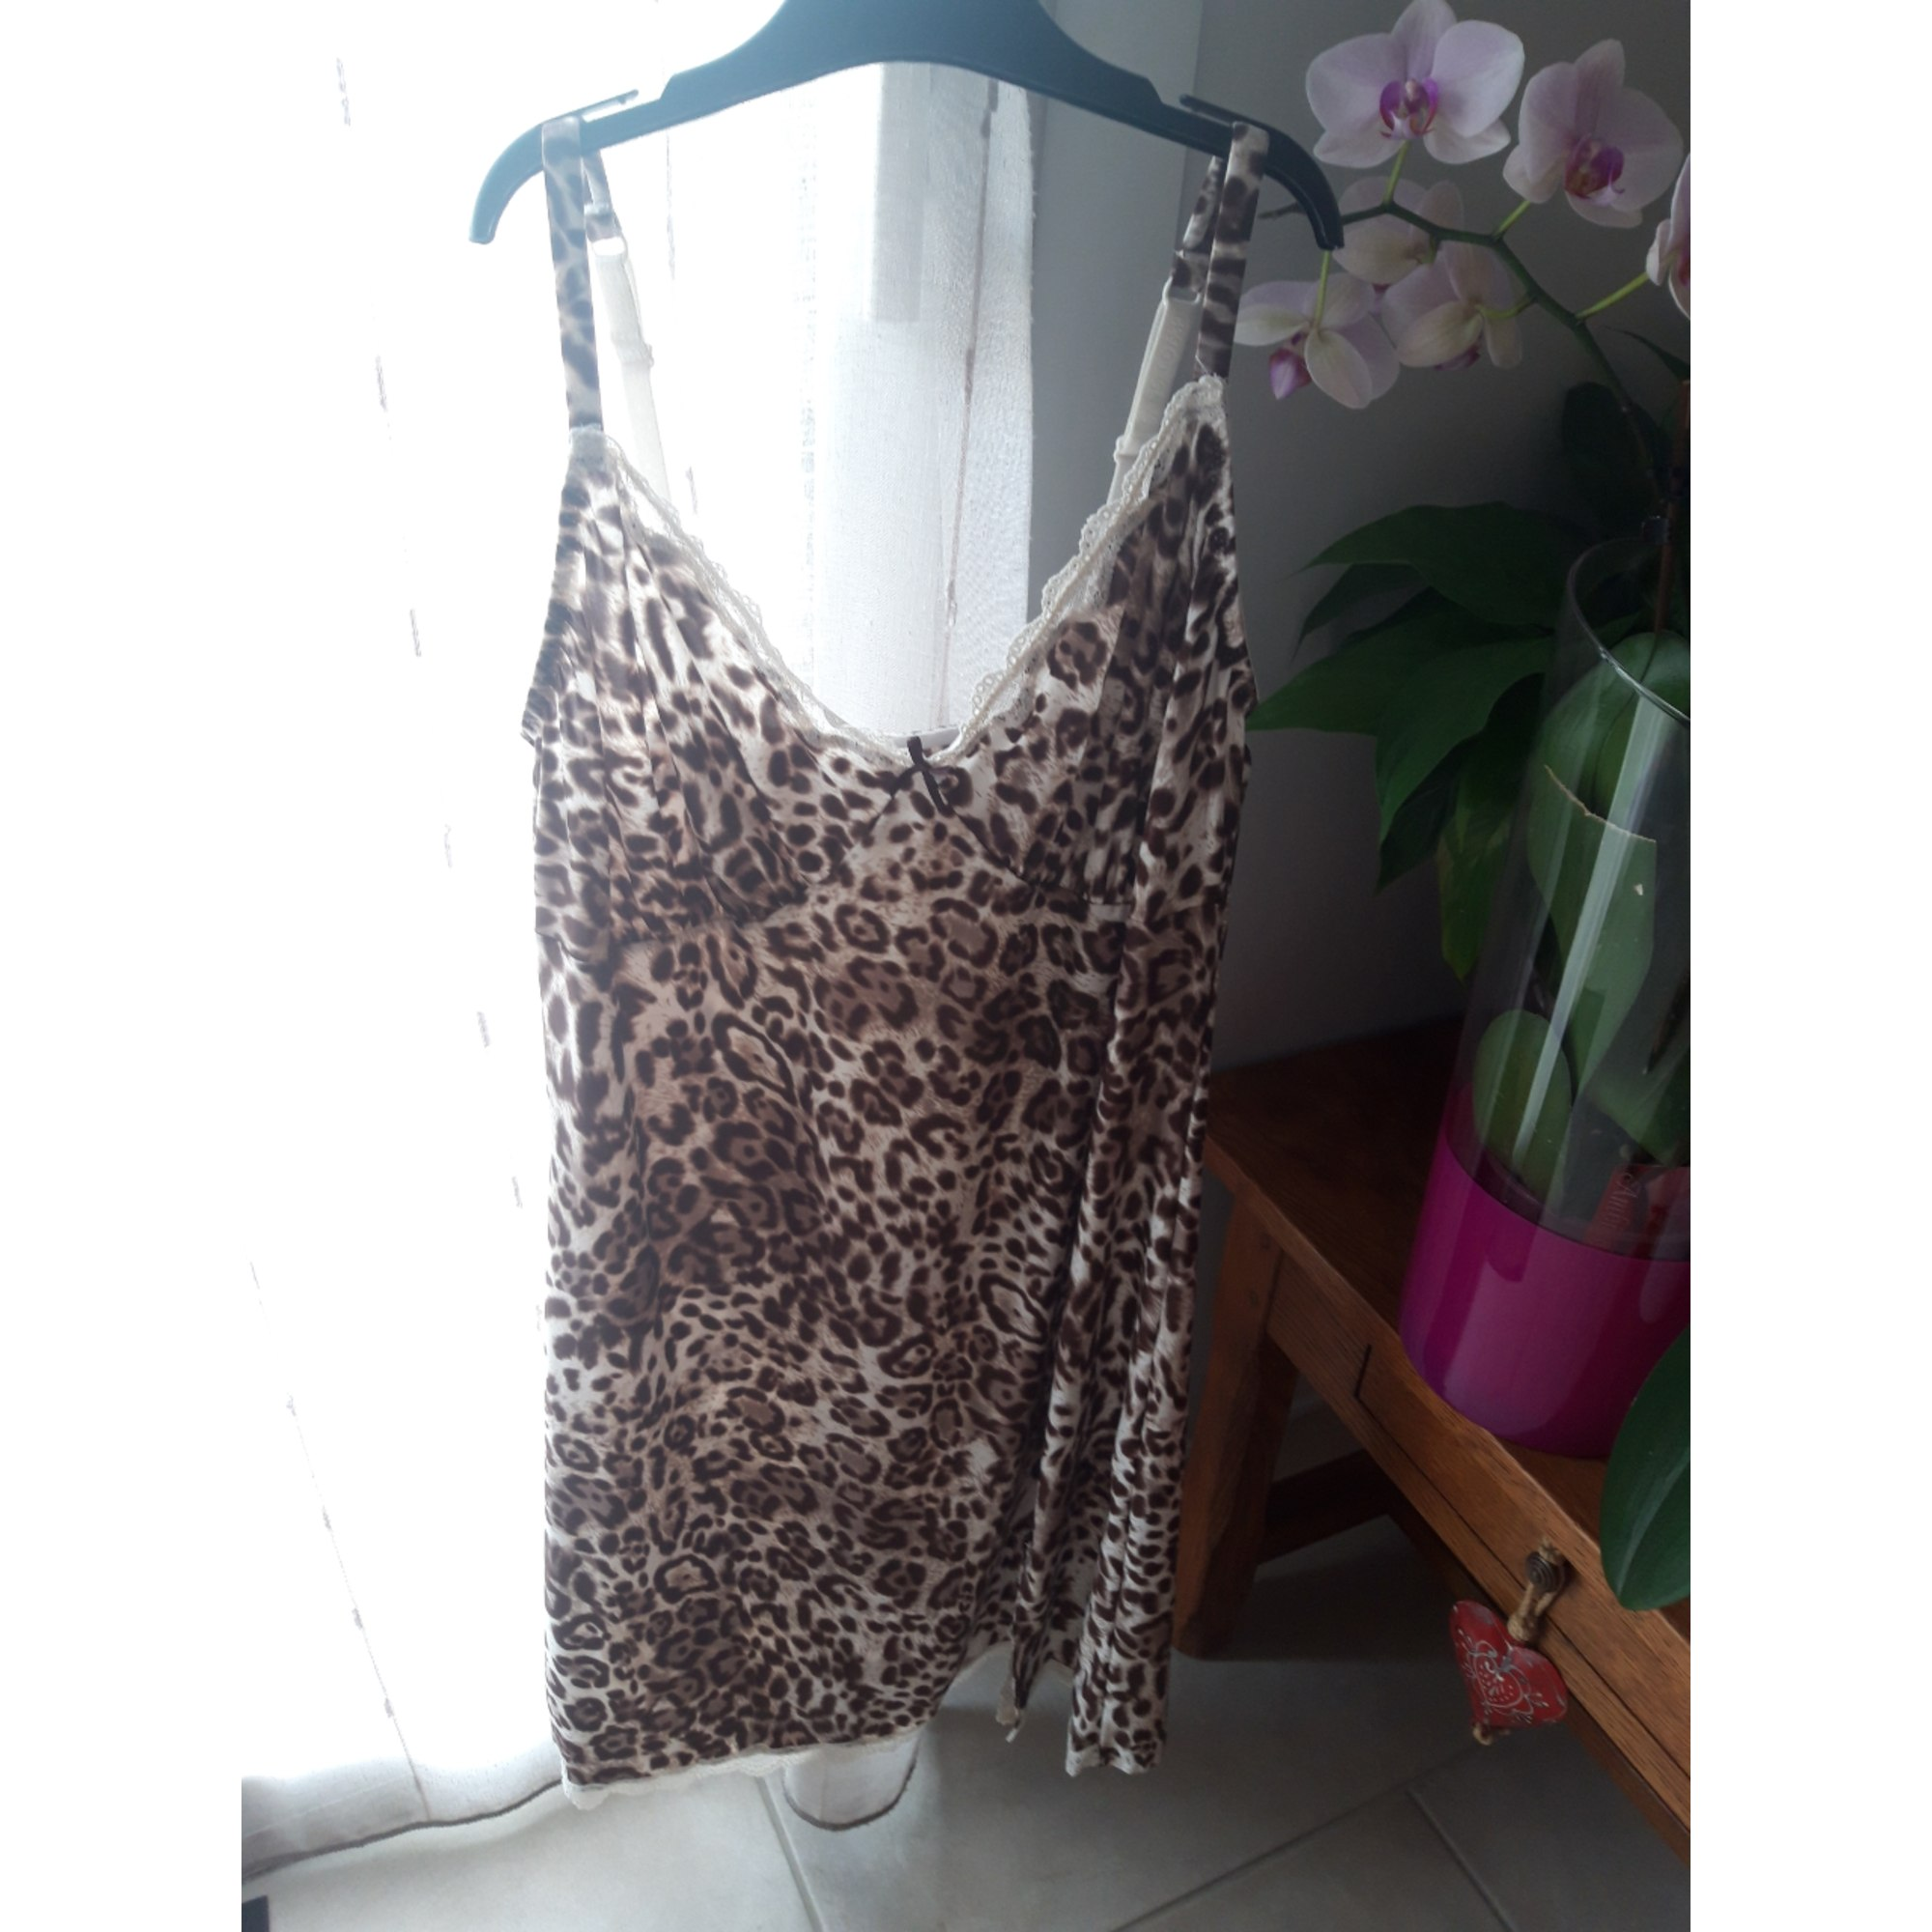 Ensemble, parure lingerie SANS COMPLEXE leopard